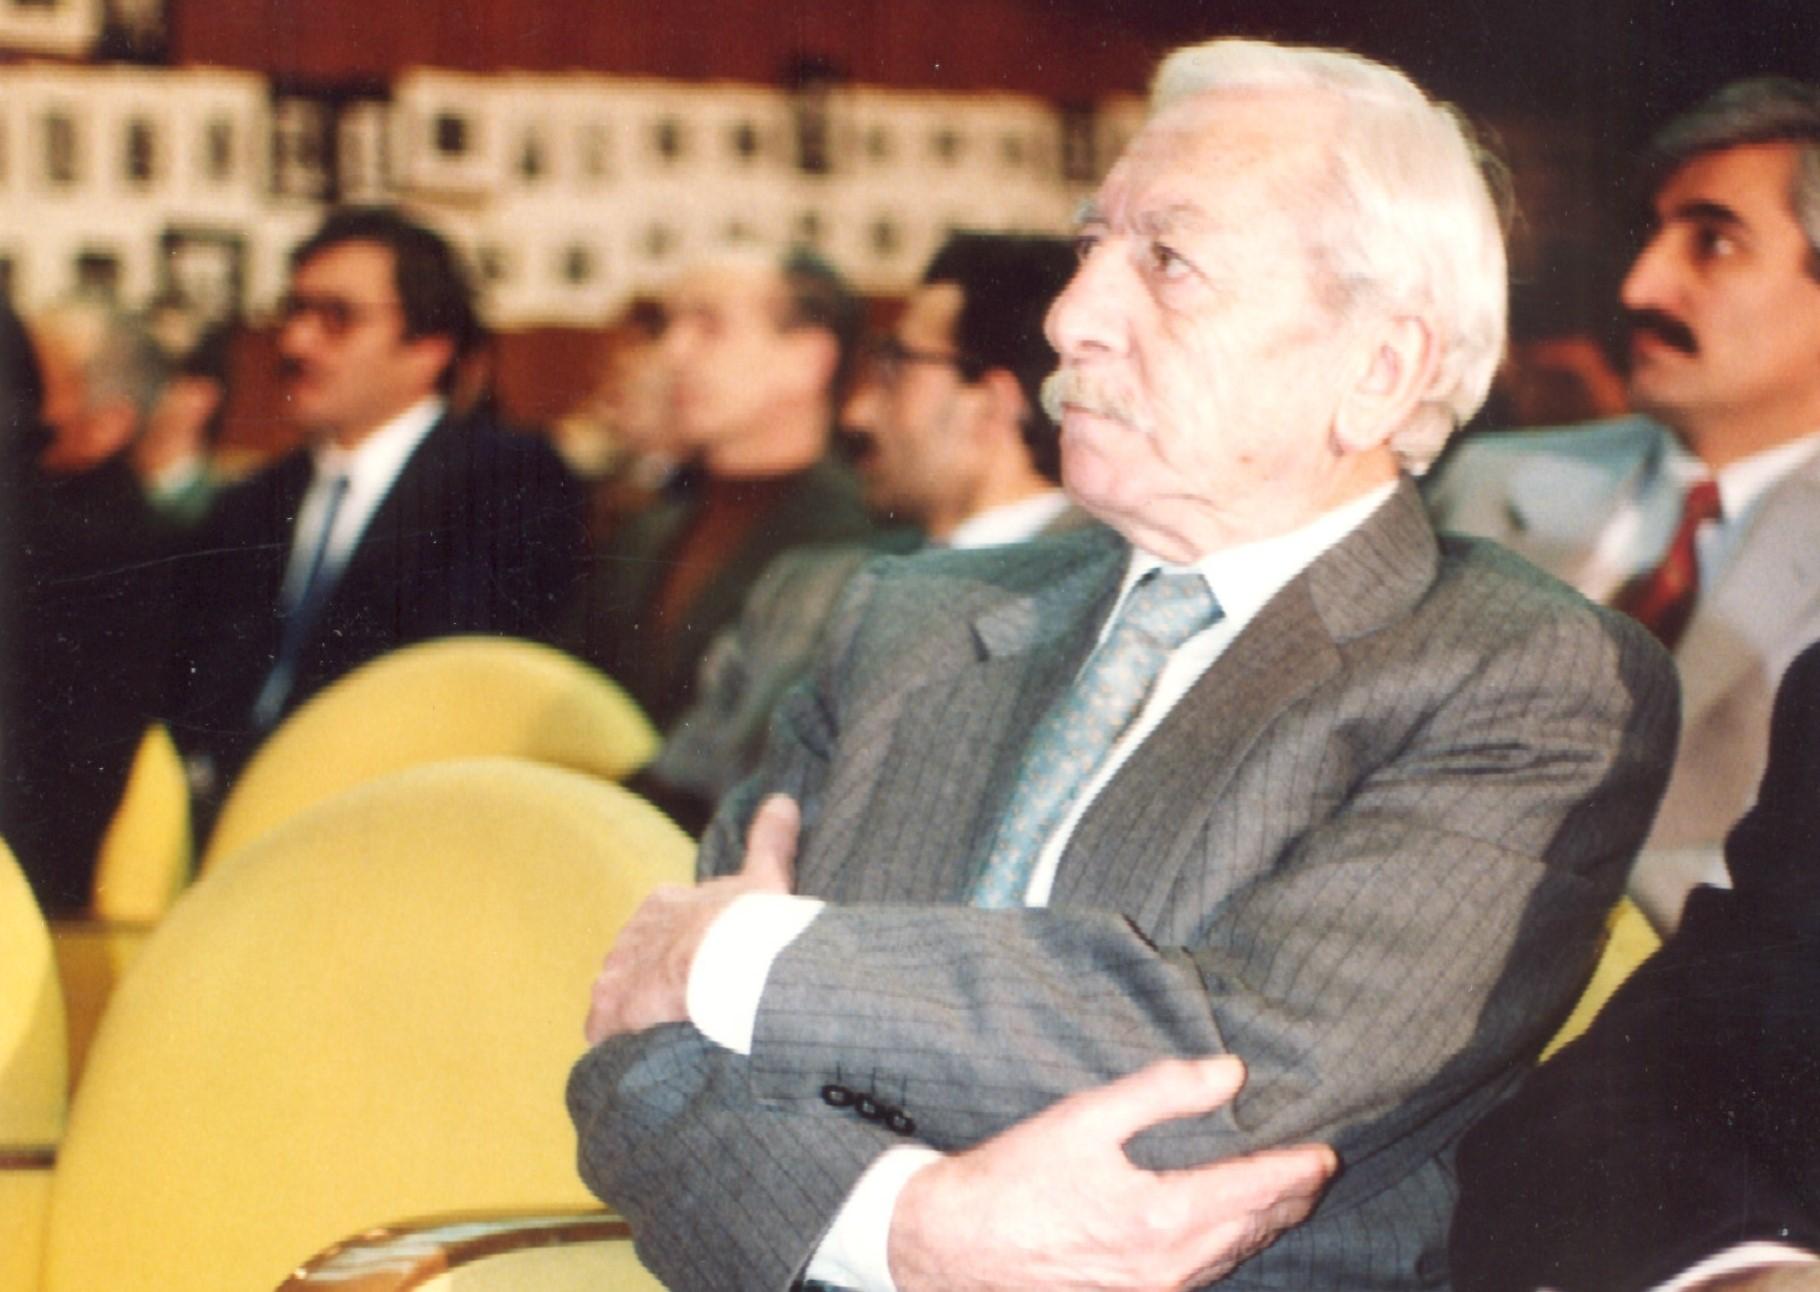 Tarık Buğra 100 yaşında! Rahmetle yâd ediyoruz!